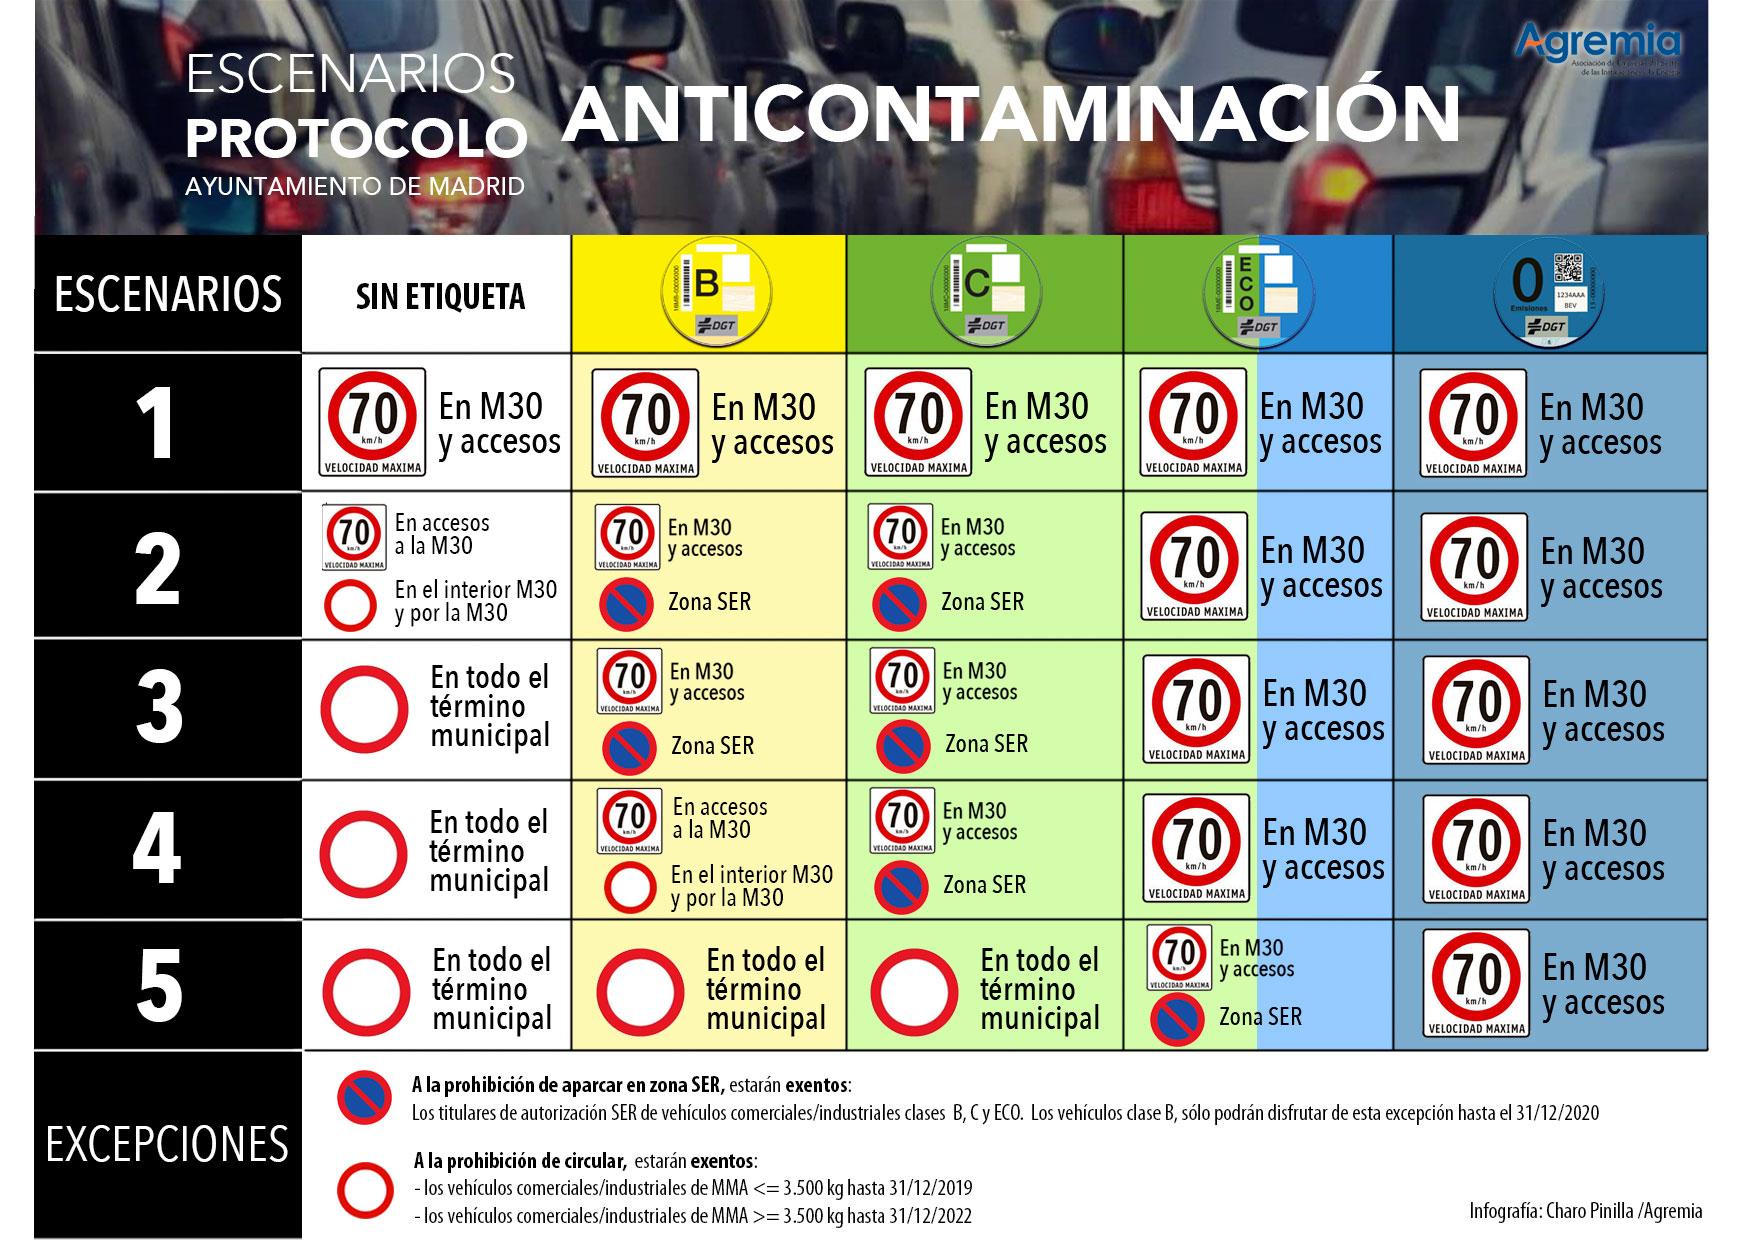 Nuevo protocolo anticontaminacion Ayto Madrid